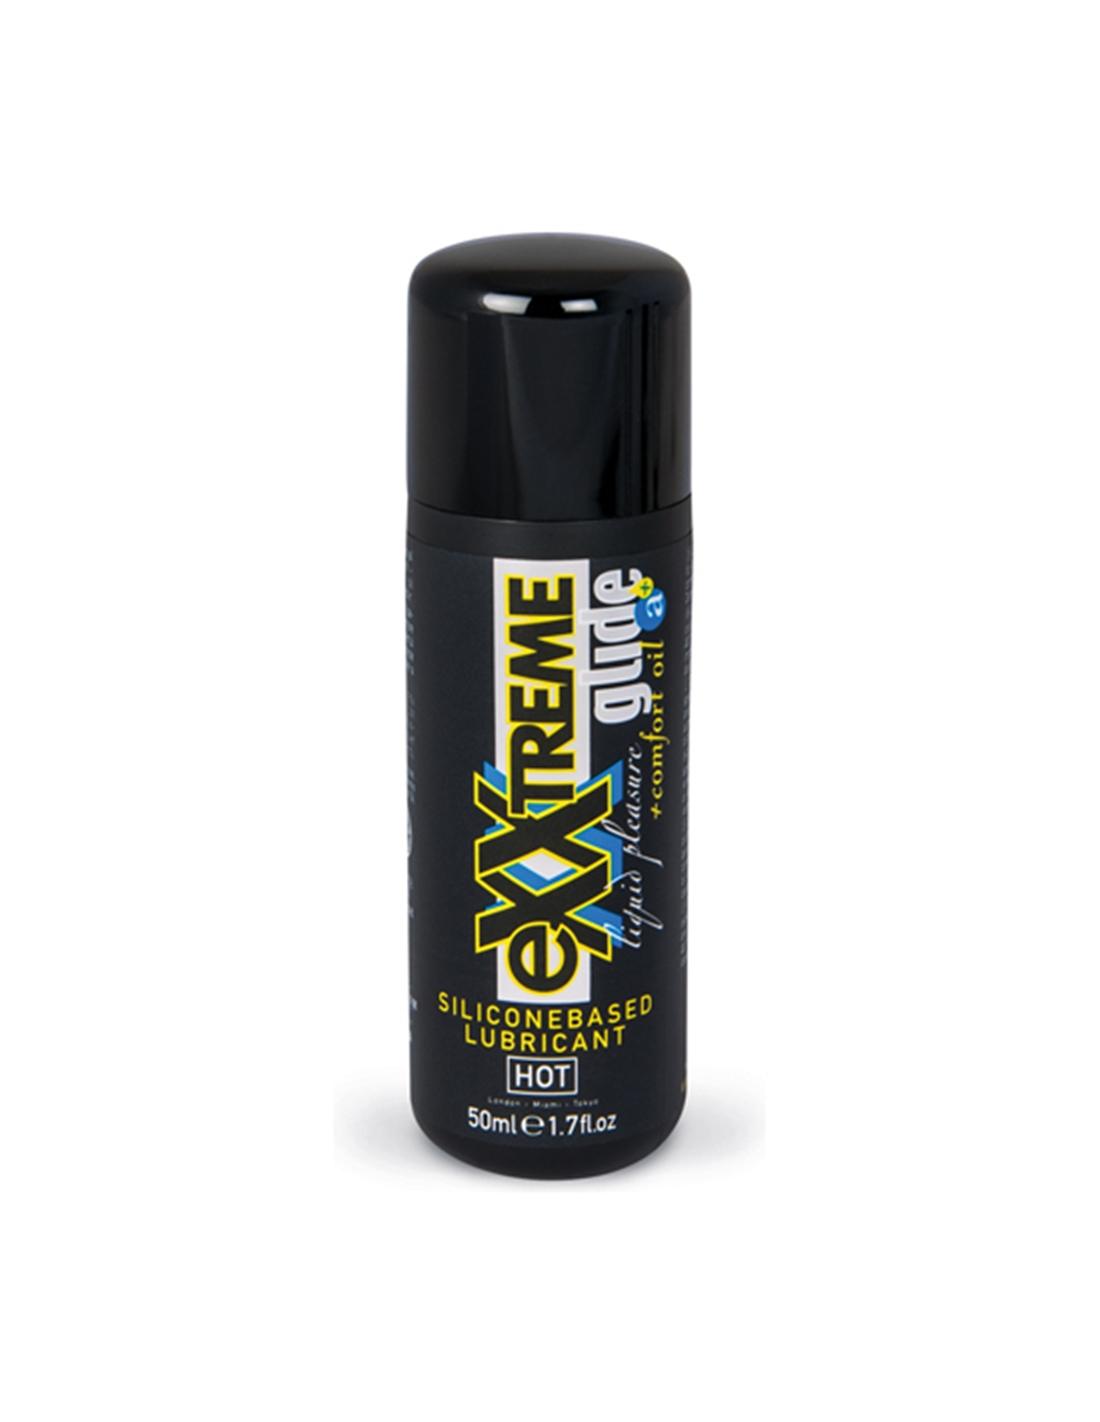 Lubrificante De Silicone Hot Exxtreme Glide - 50ml - PR2010314312